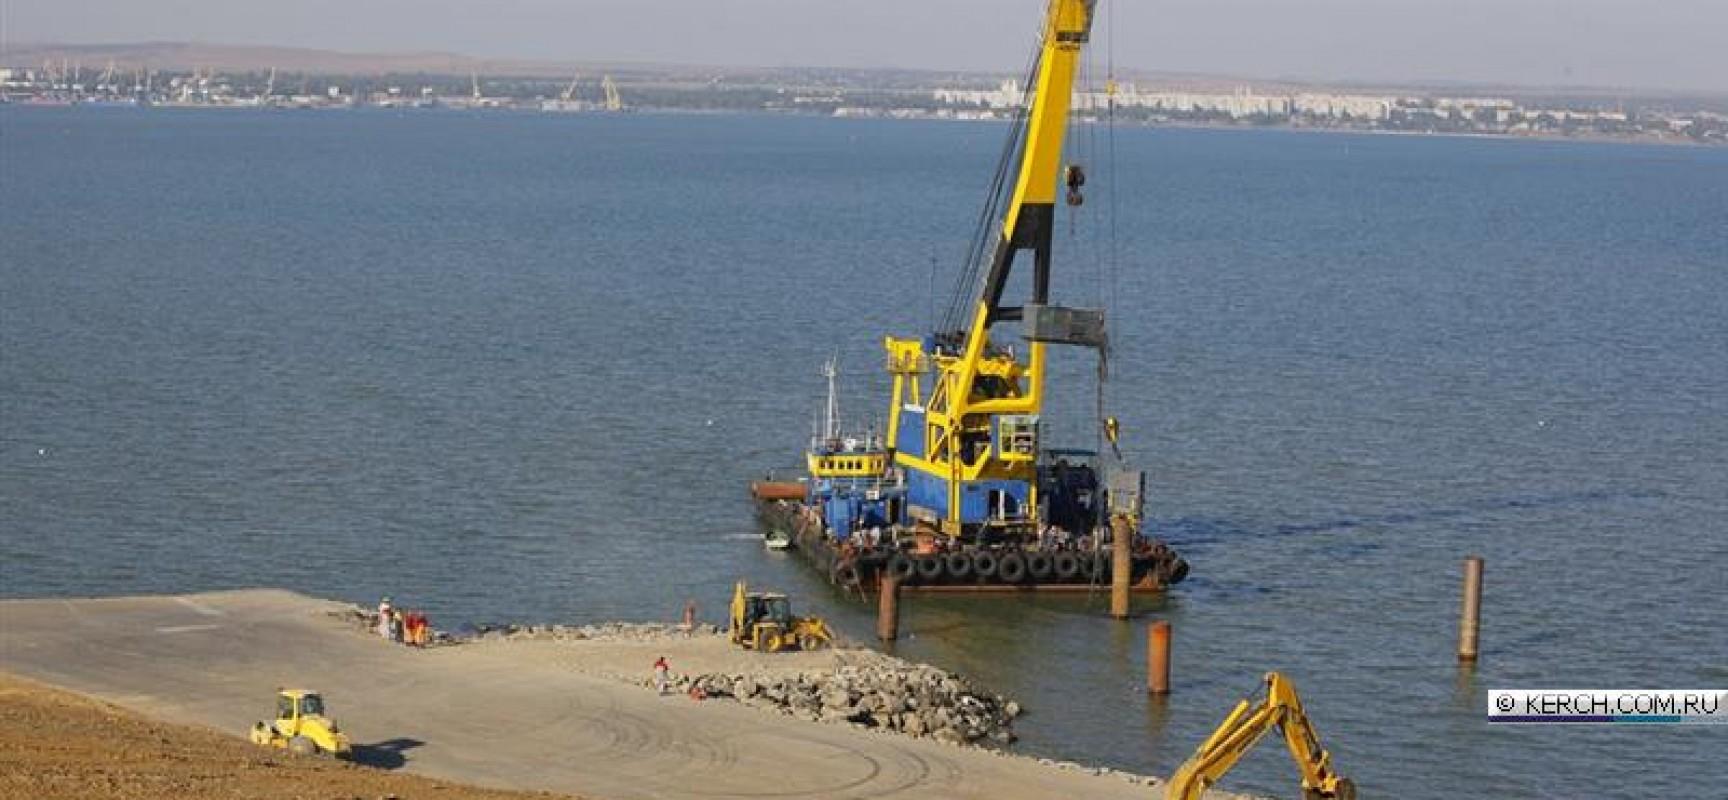 Со стороны Керчи начато сооружение технологического моста до судоходного фарватера